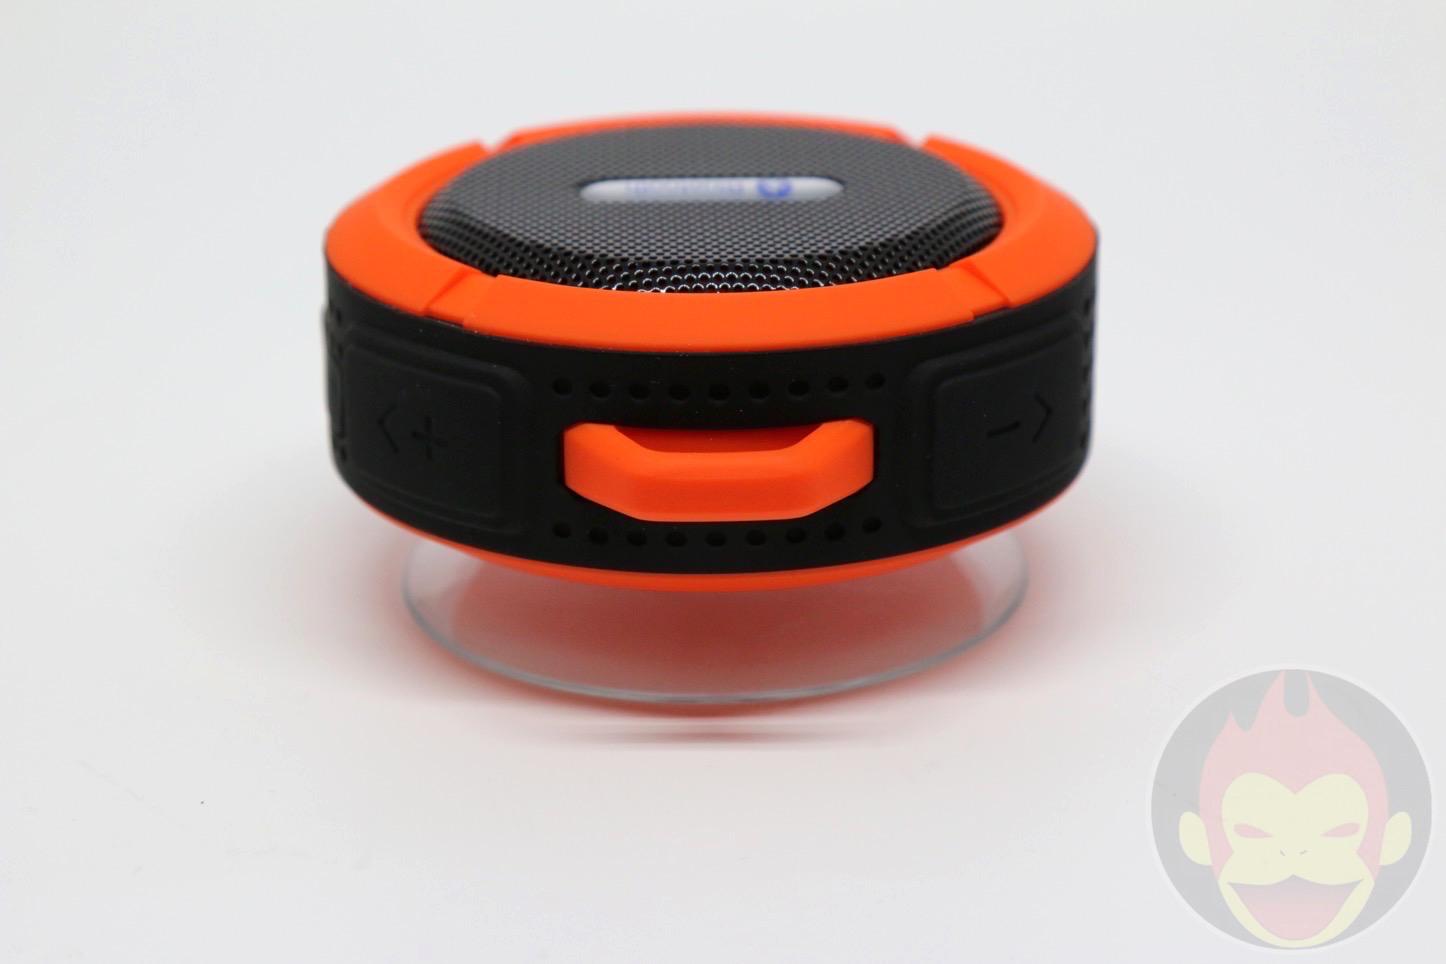 VicTsing Bluetooth 3.0 ワイヤレススピーカー